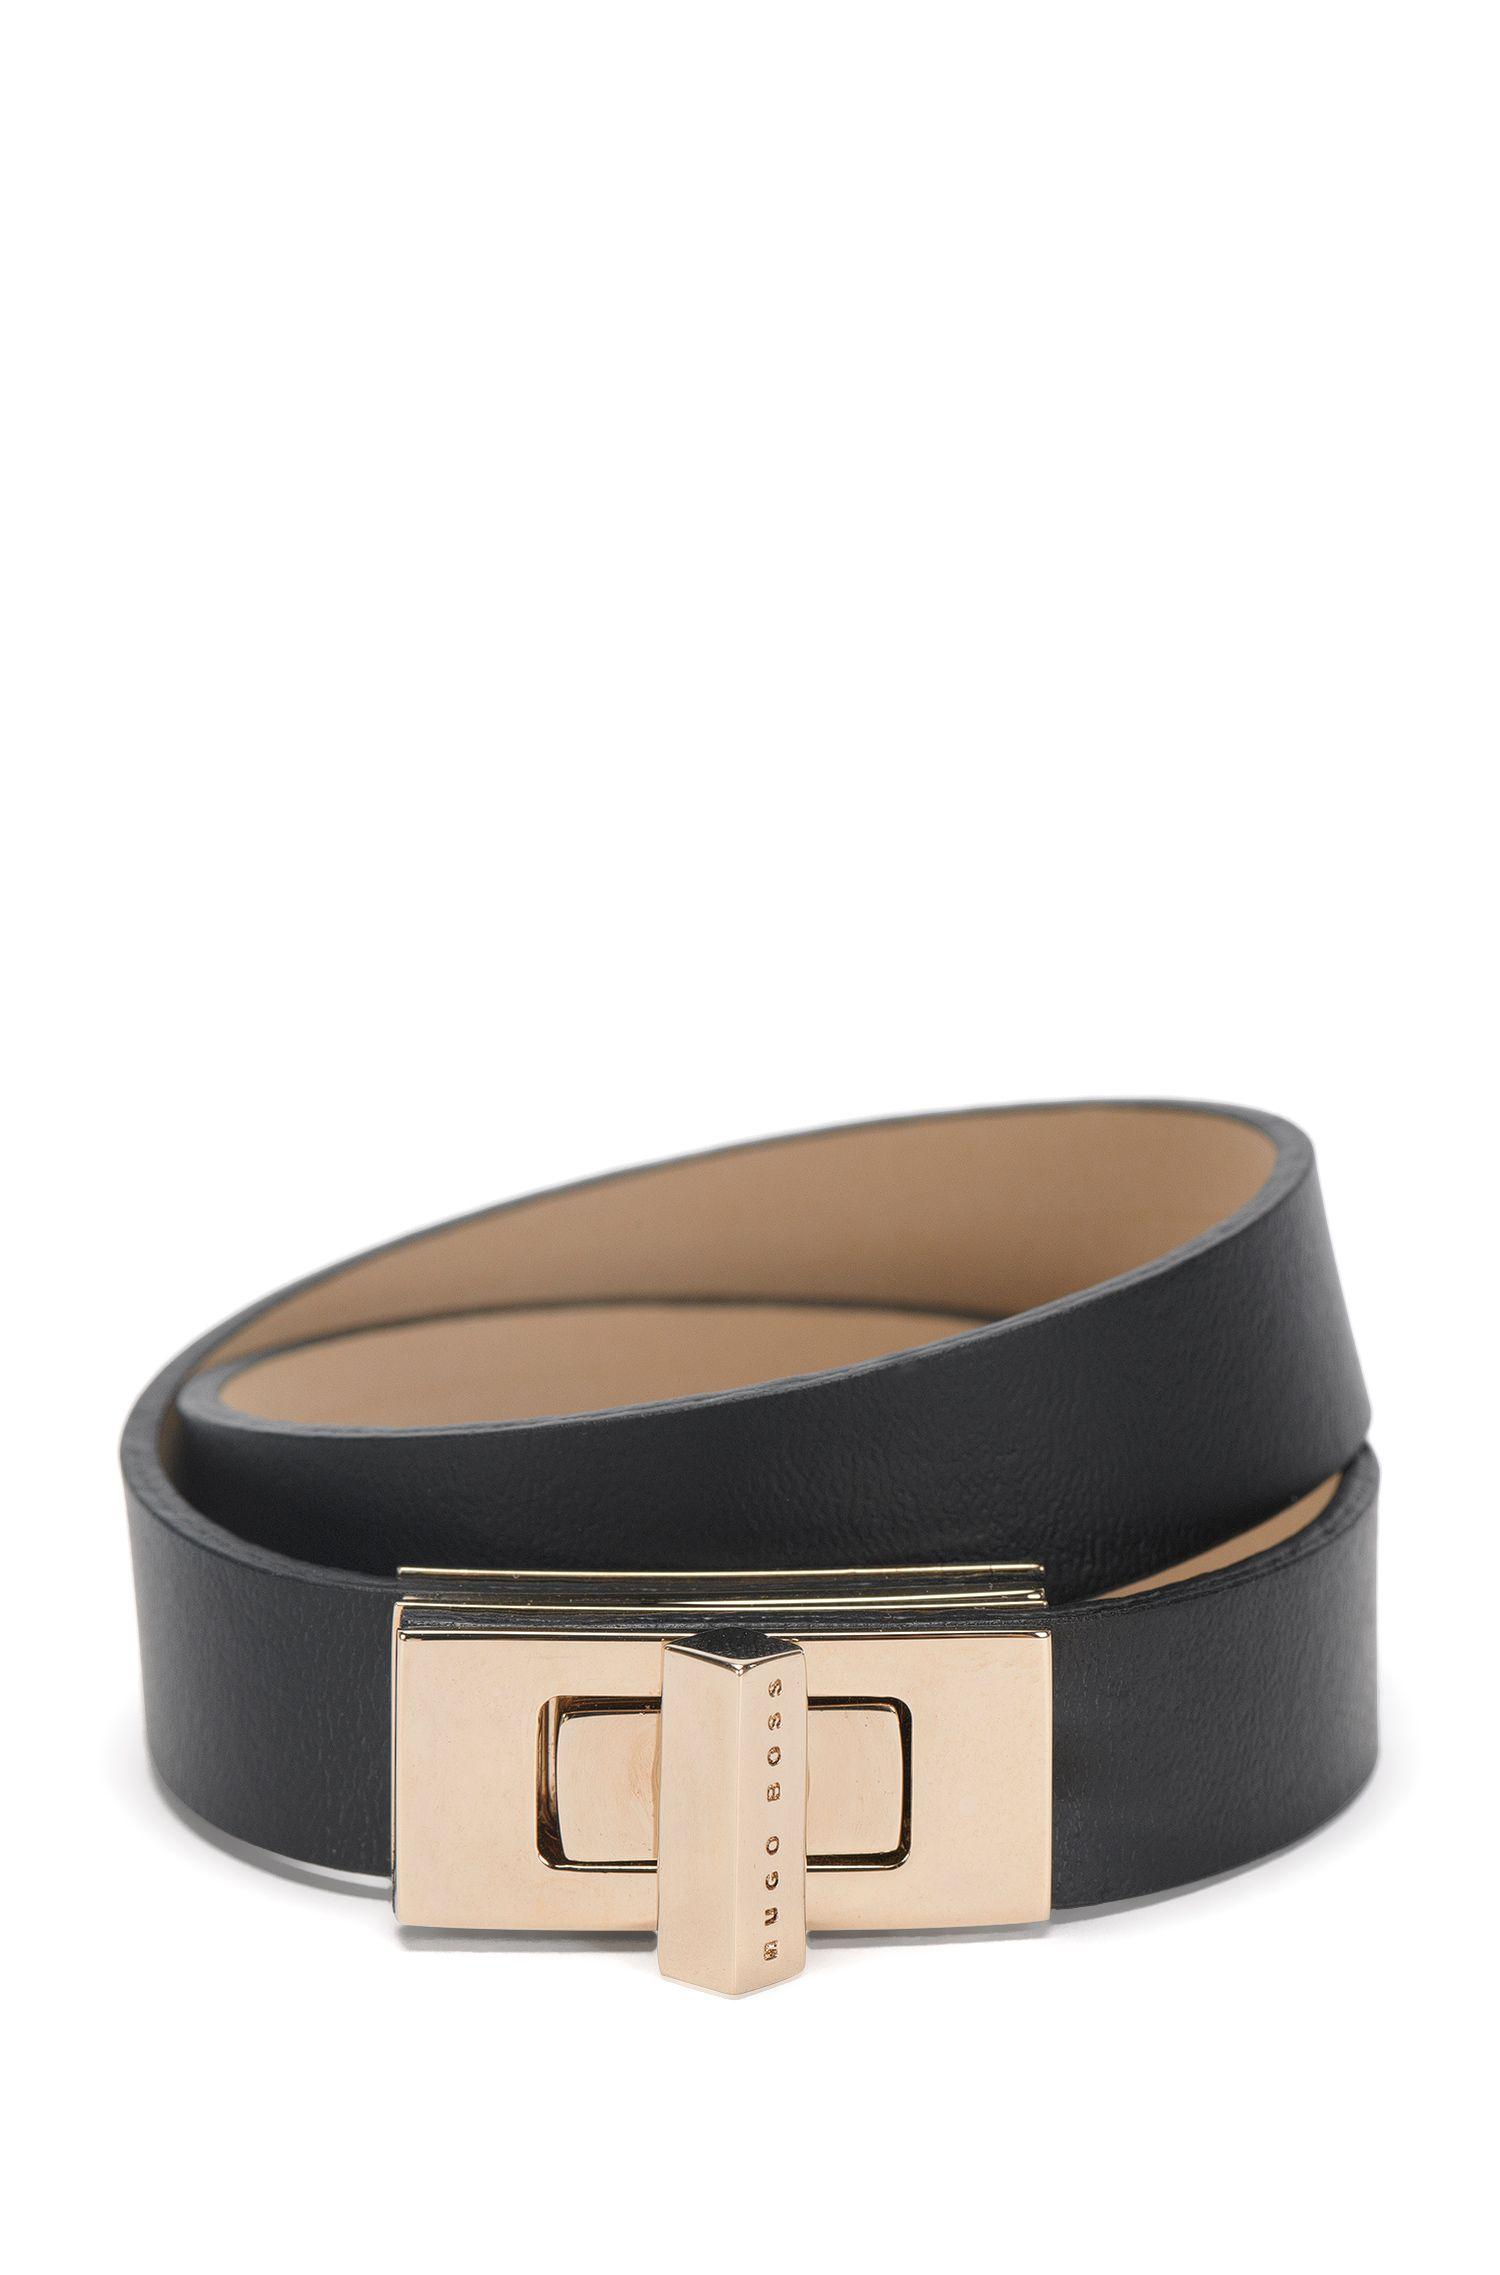 'BOSS Bespoke Brac-N' | Leather Turnlock Wrap Bracelet